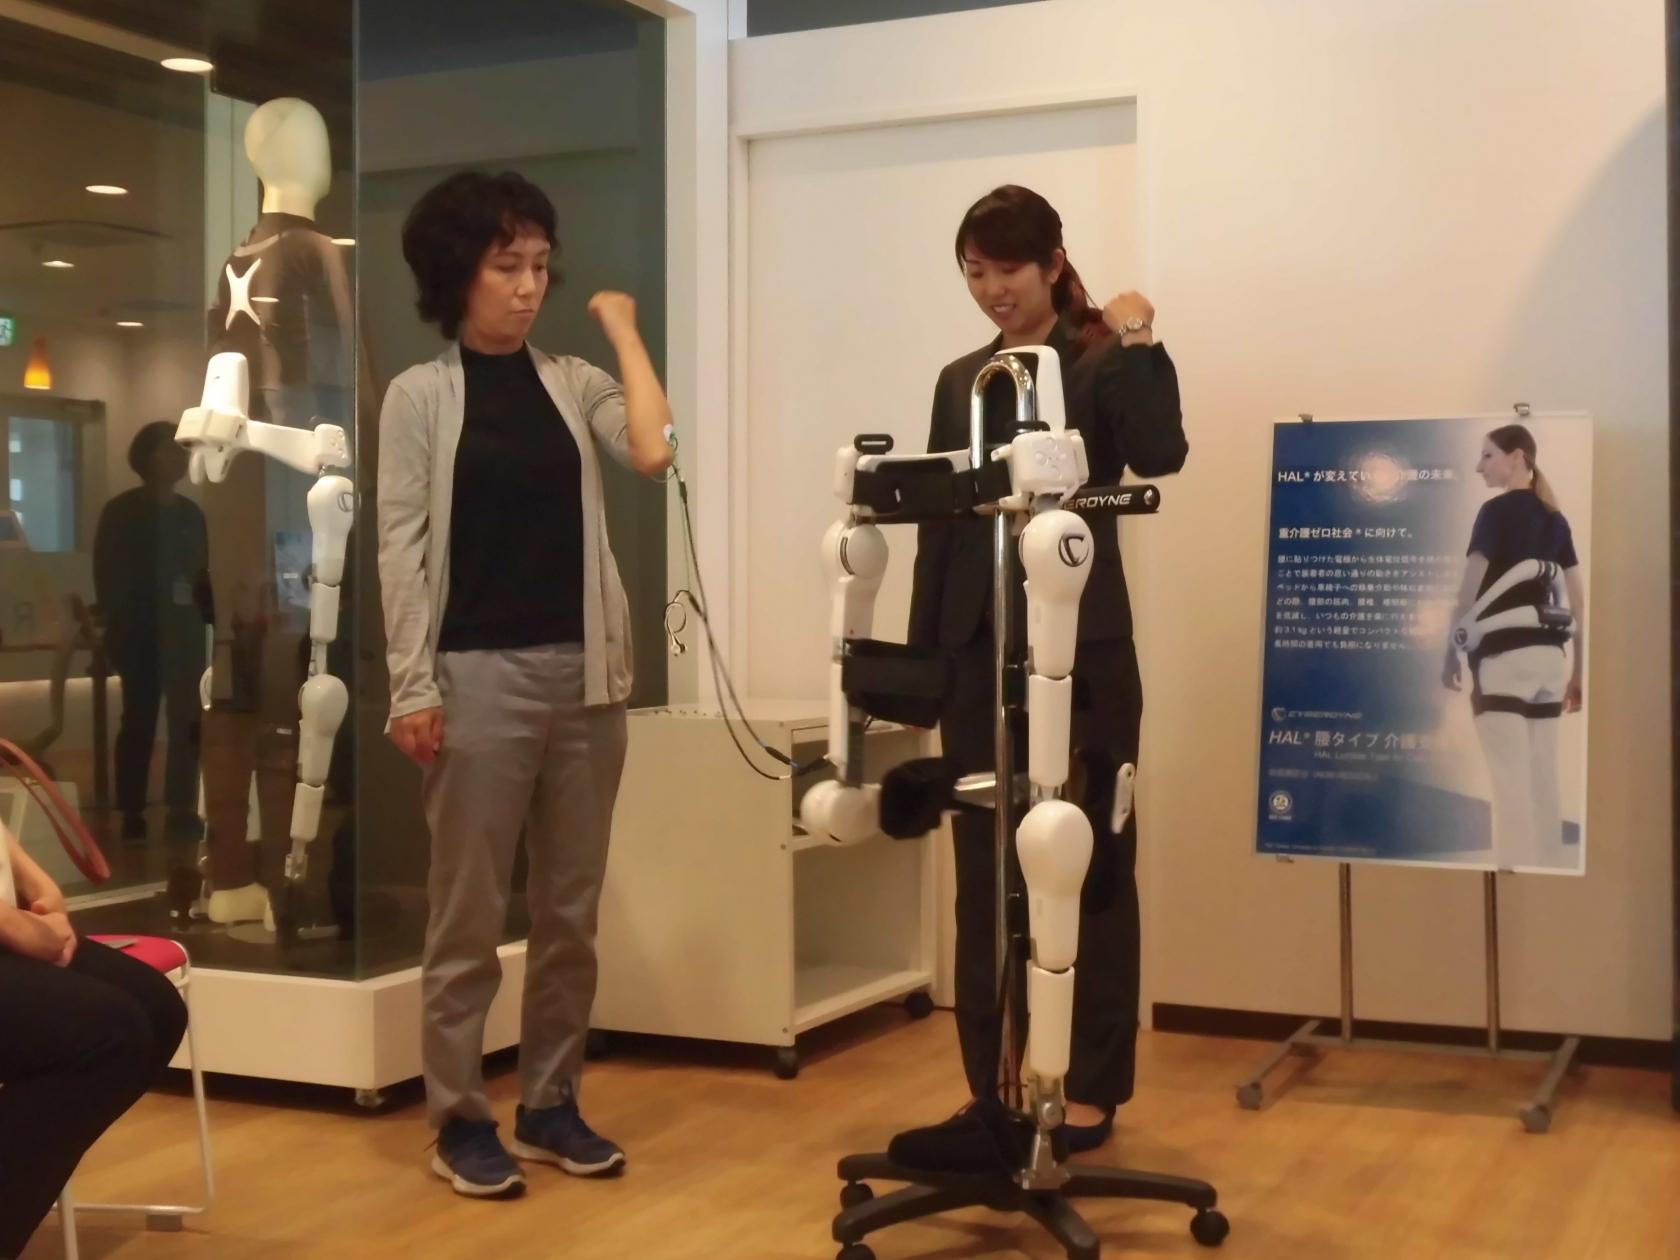 藤沢市高次脳機能障がい者相談支援事業所チャレンジⅡより「湘南ロボケアセンター団体見学ツアー」の報告です。